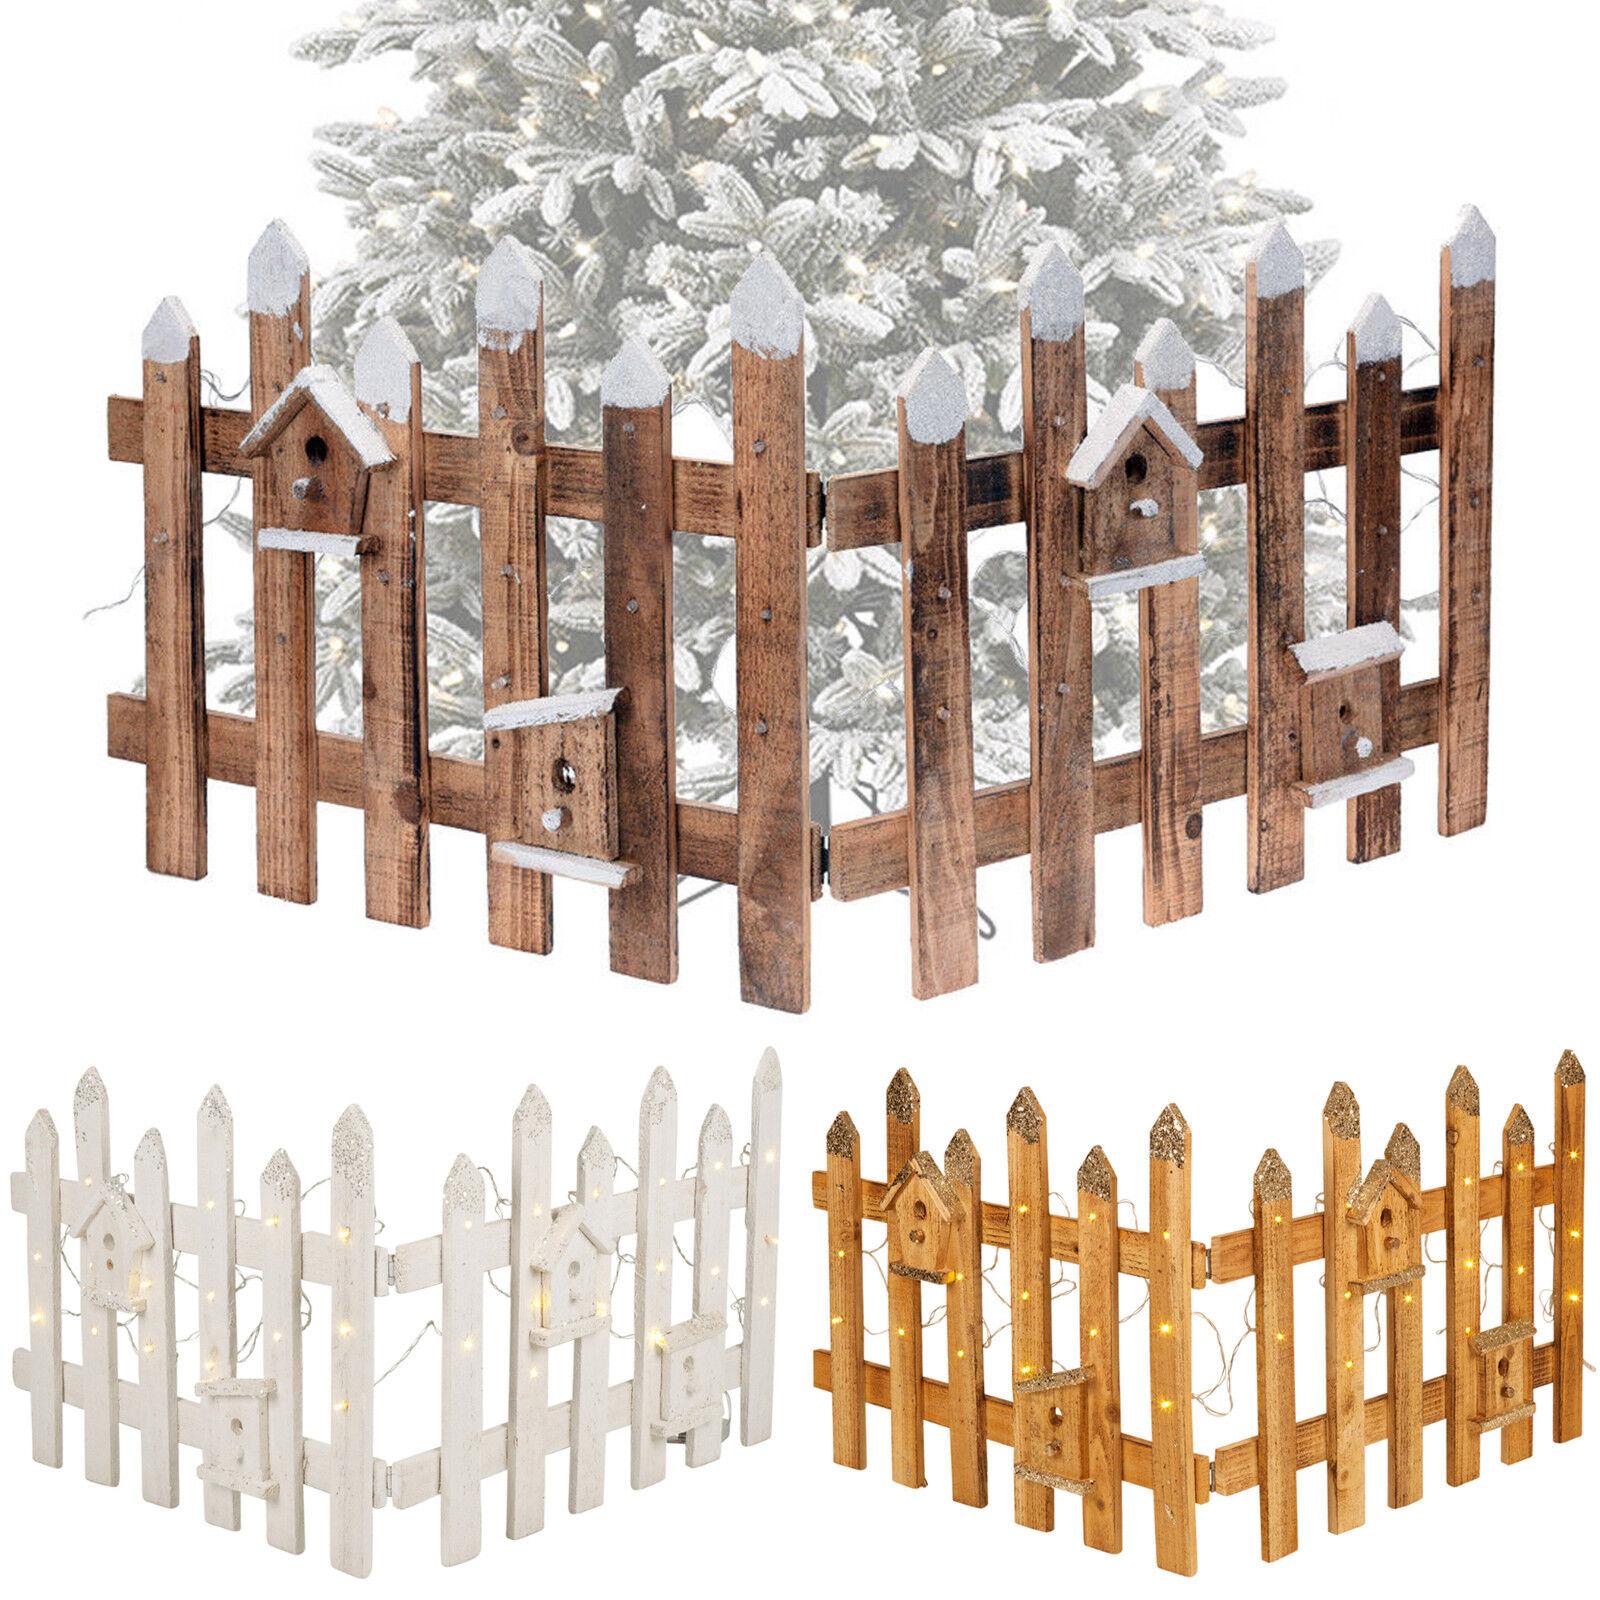 Rustikal Holzern Schnee Zaun 30 LED Lichter Weißnachten Weißnachtsbaum Ständer